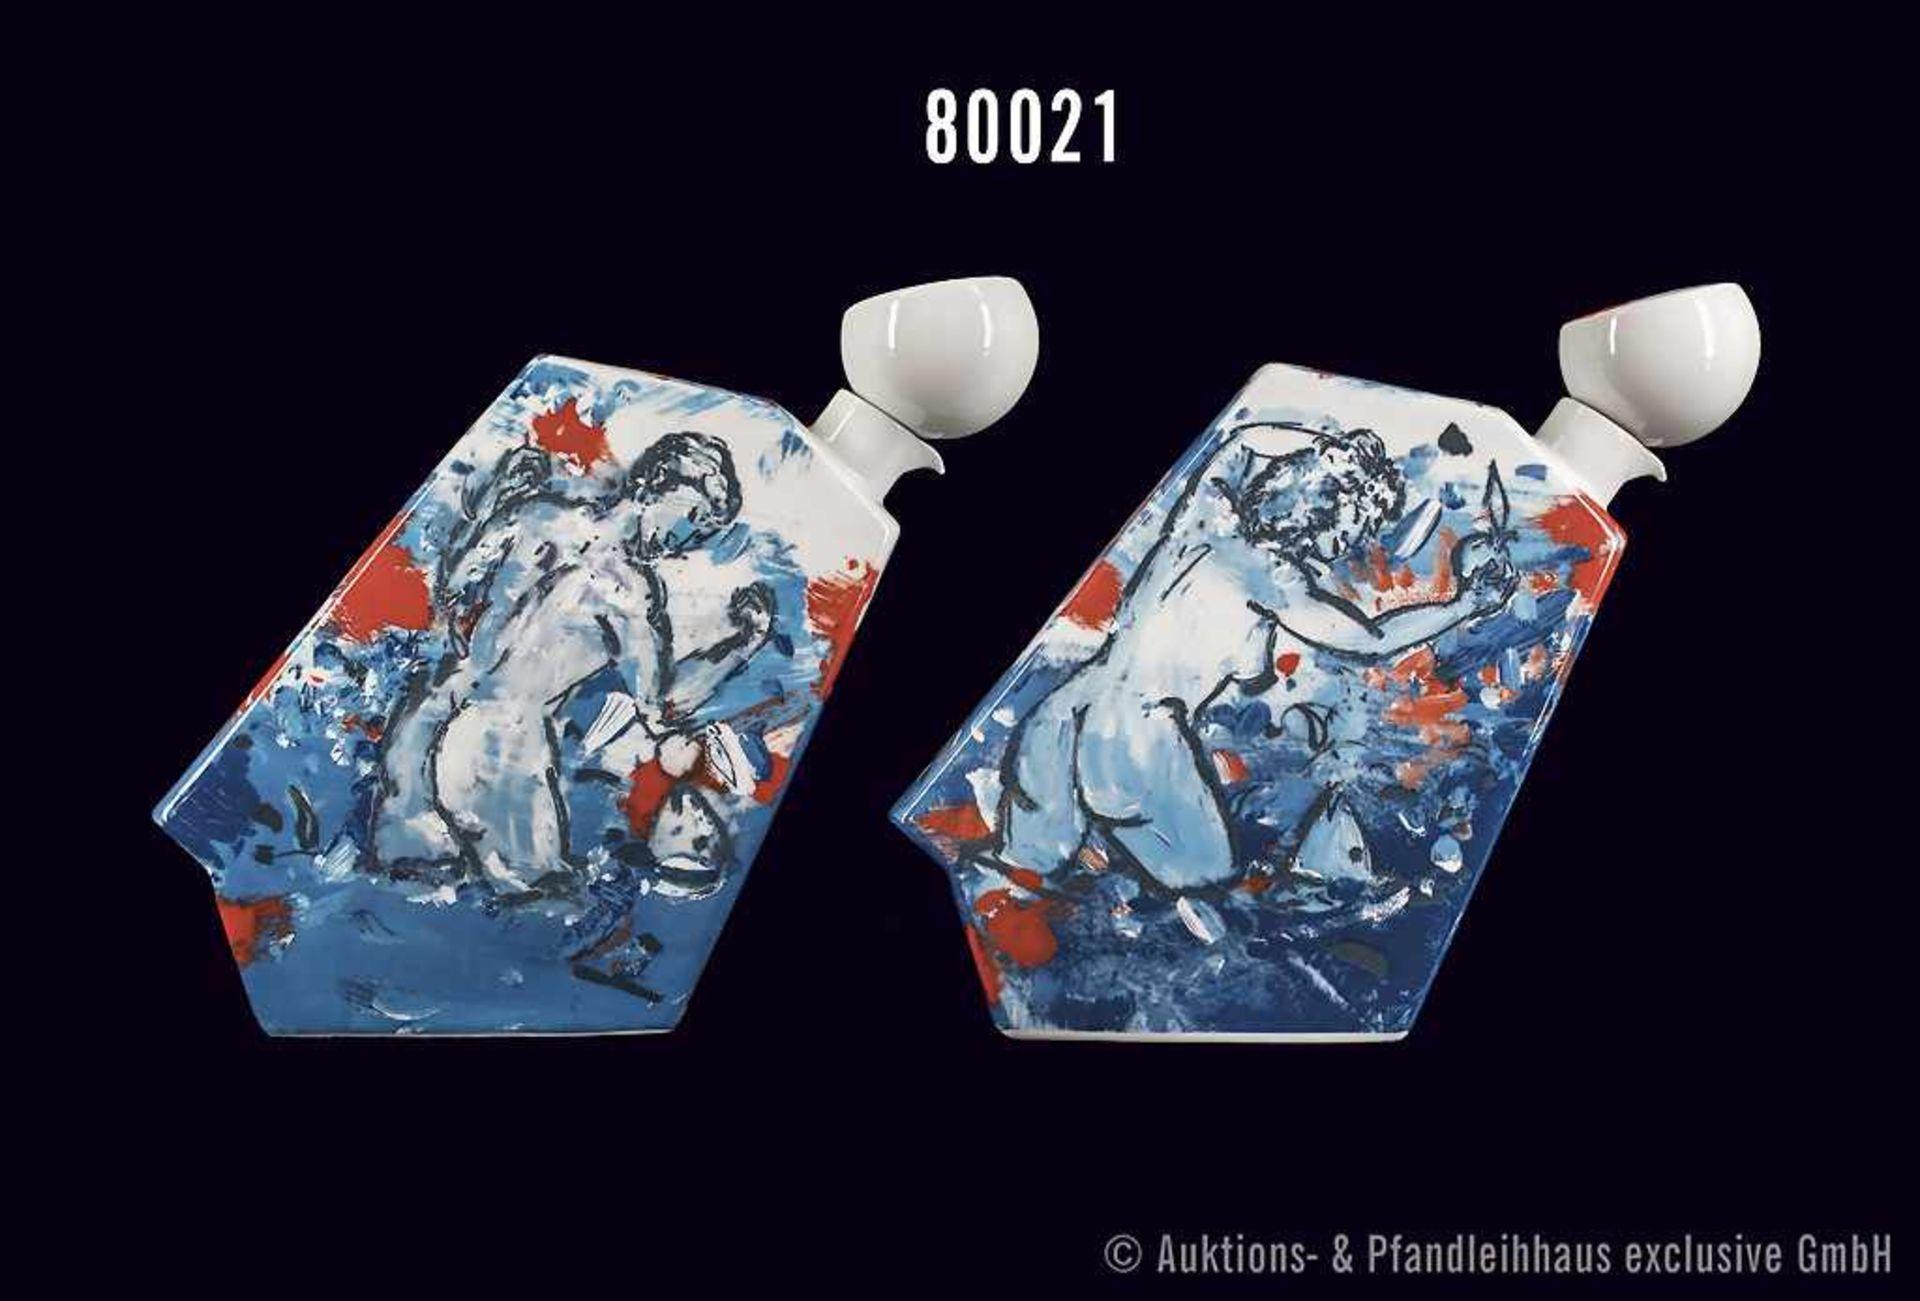 Rosenthal Porzellan, Objekt Tischflaschen Adam und Eva, Künstler Christian L. Attersee, limitierte